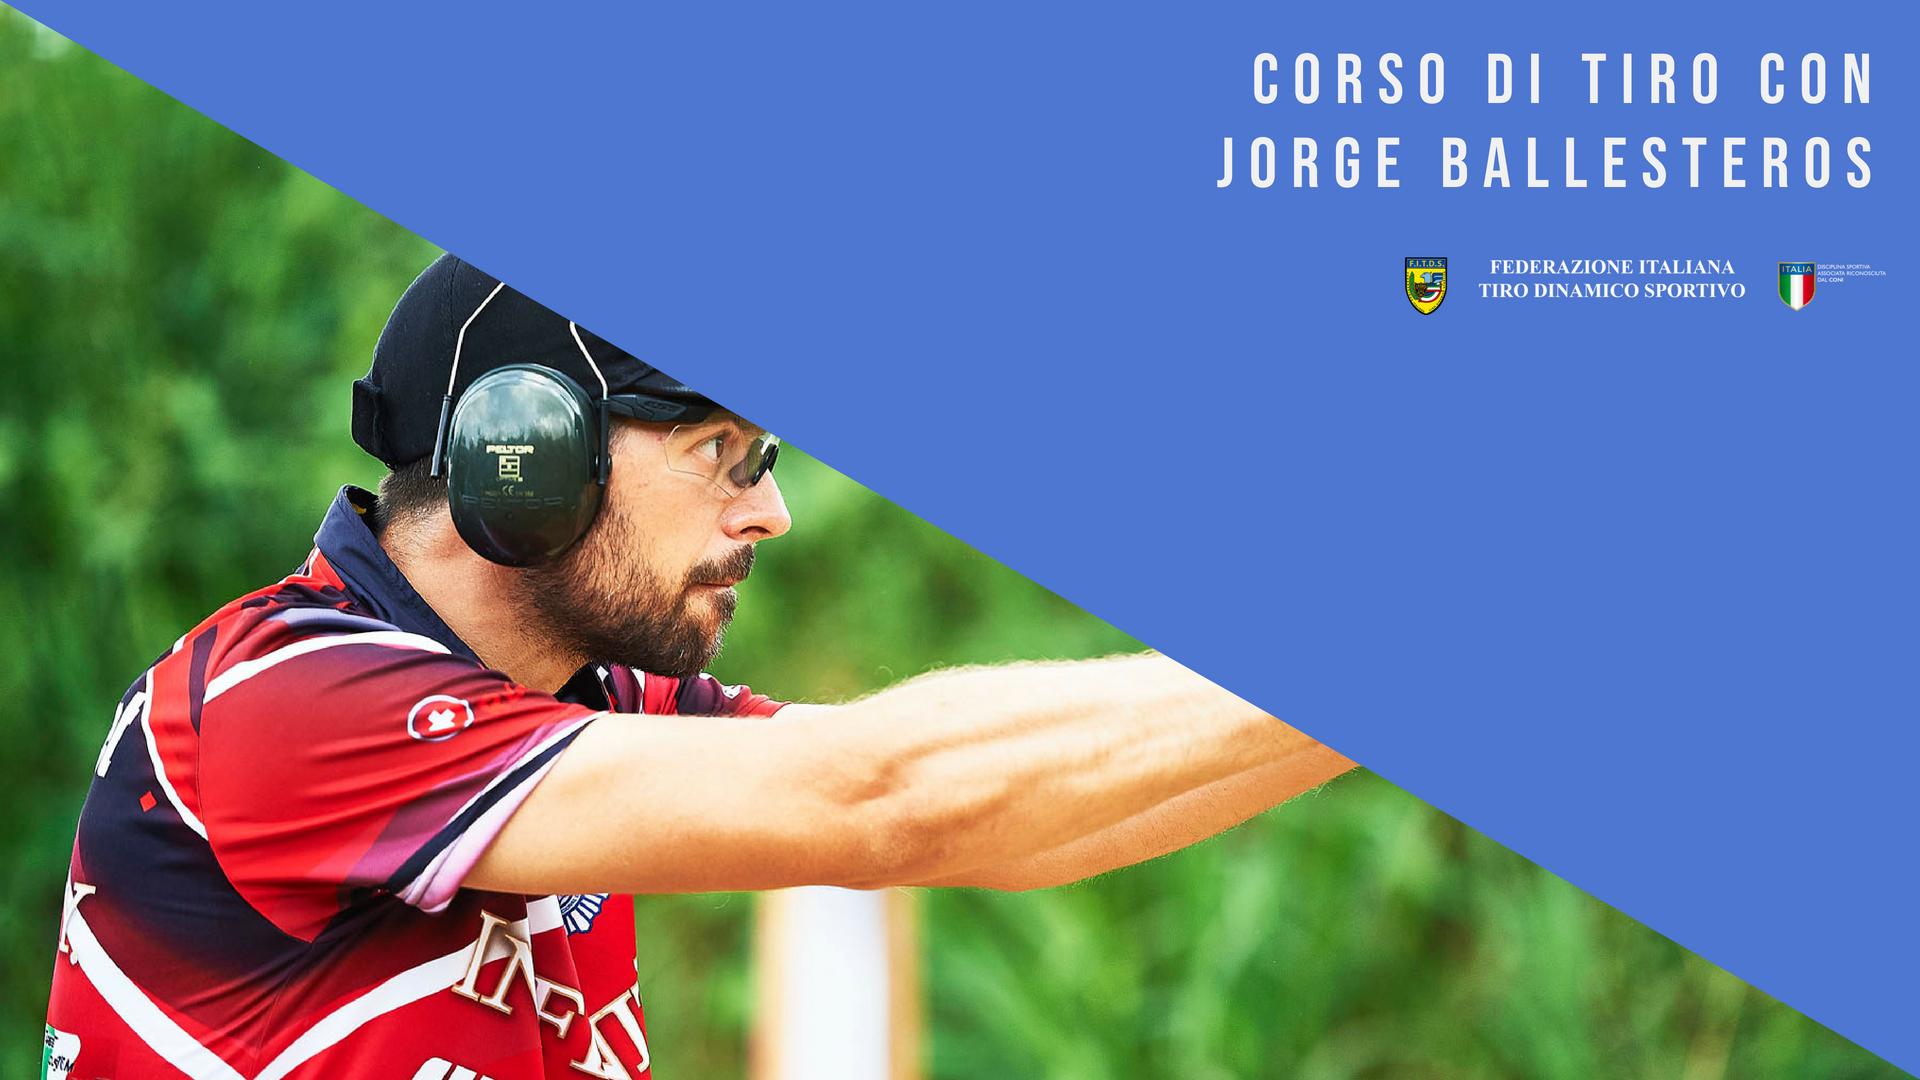 Corso di tiro con il campione del mondo Jorge Ballesteros